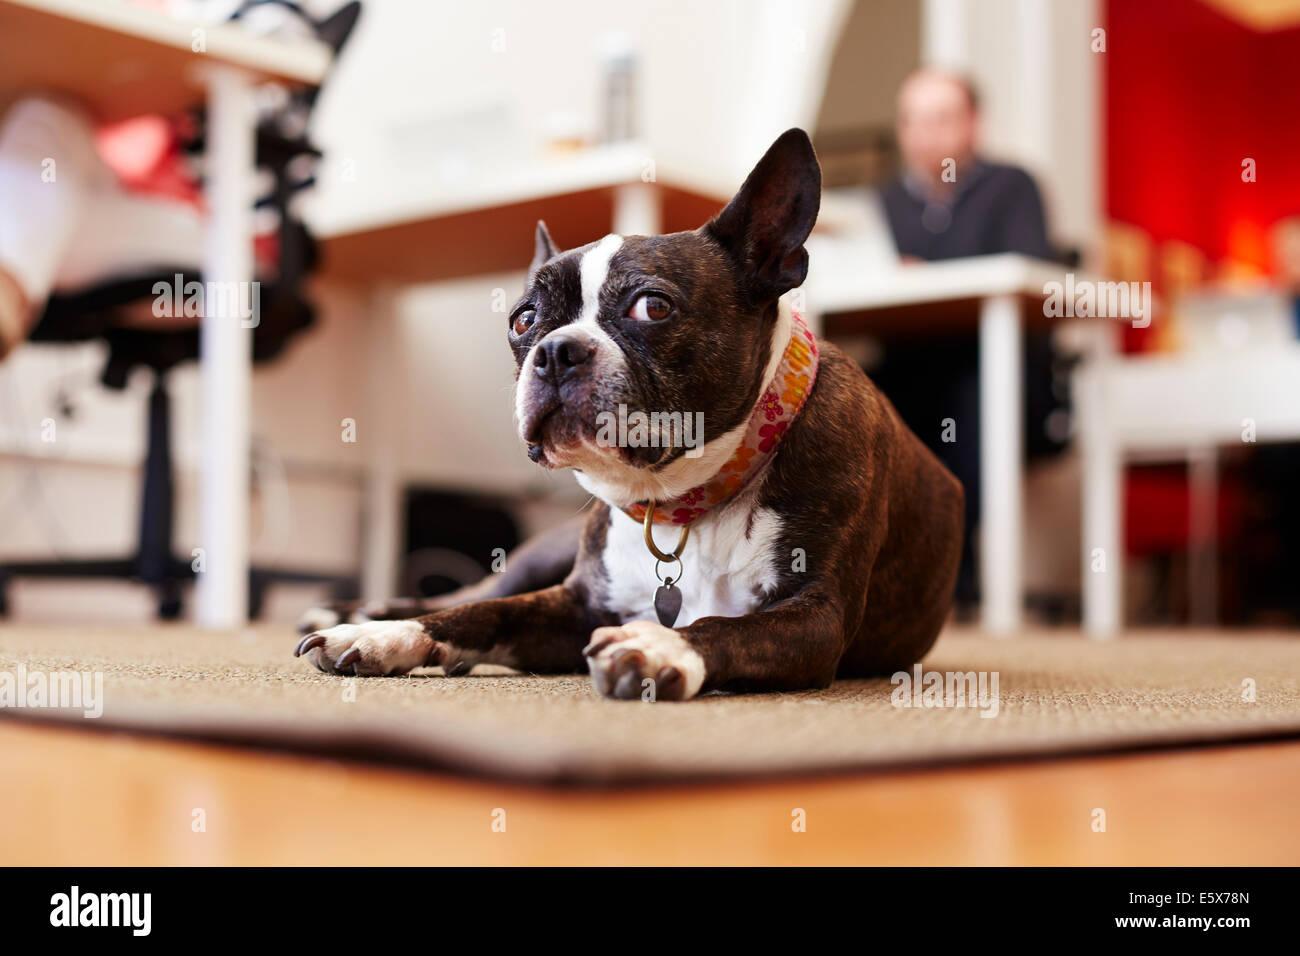 Porträt von neugierigen Hund liegend auf Teppich in einem Büro Stockbild